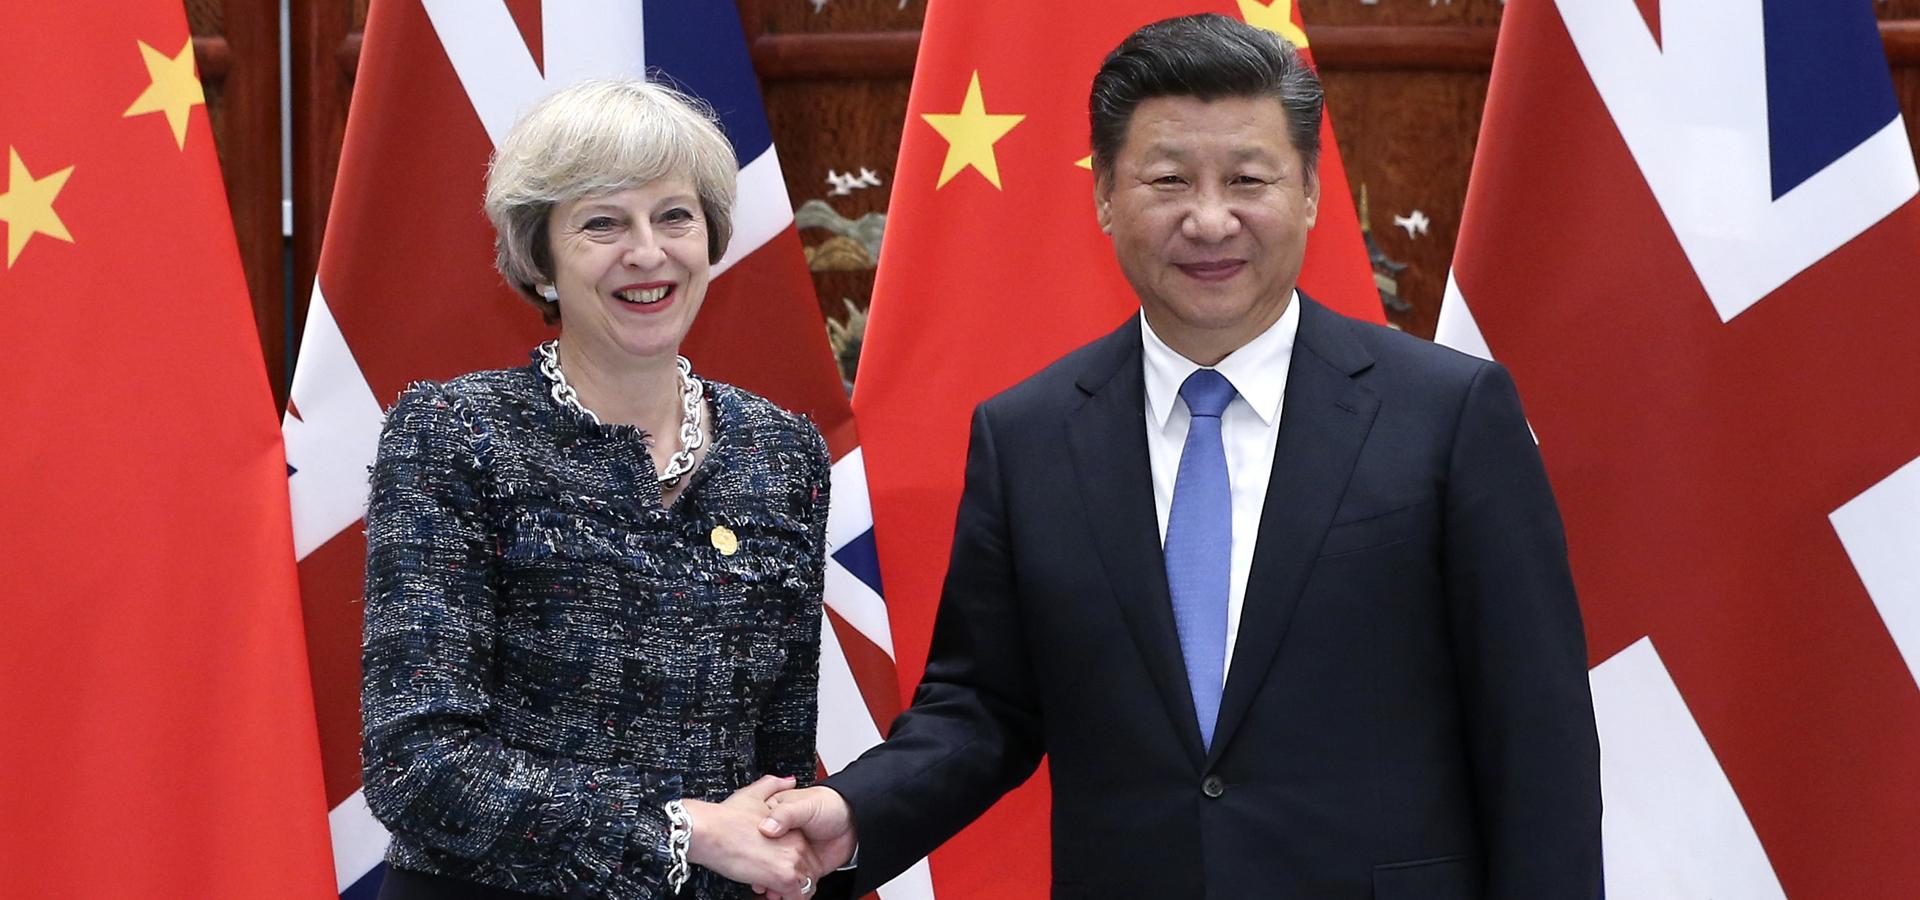 習近平會見英國首相特雷莎·梅